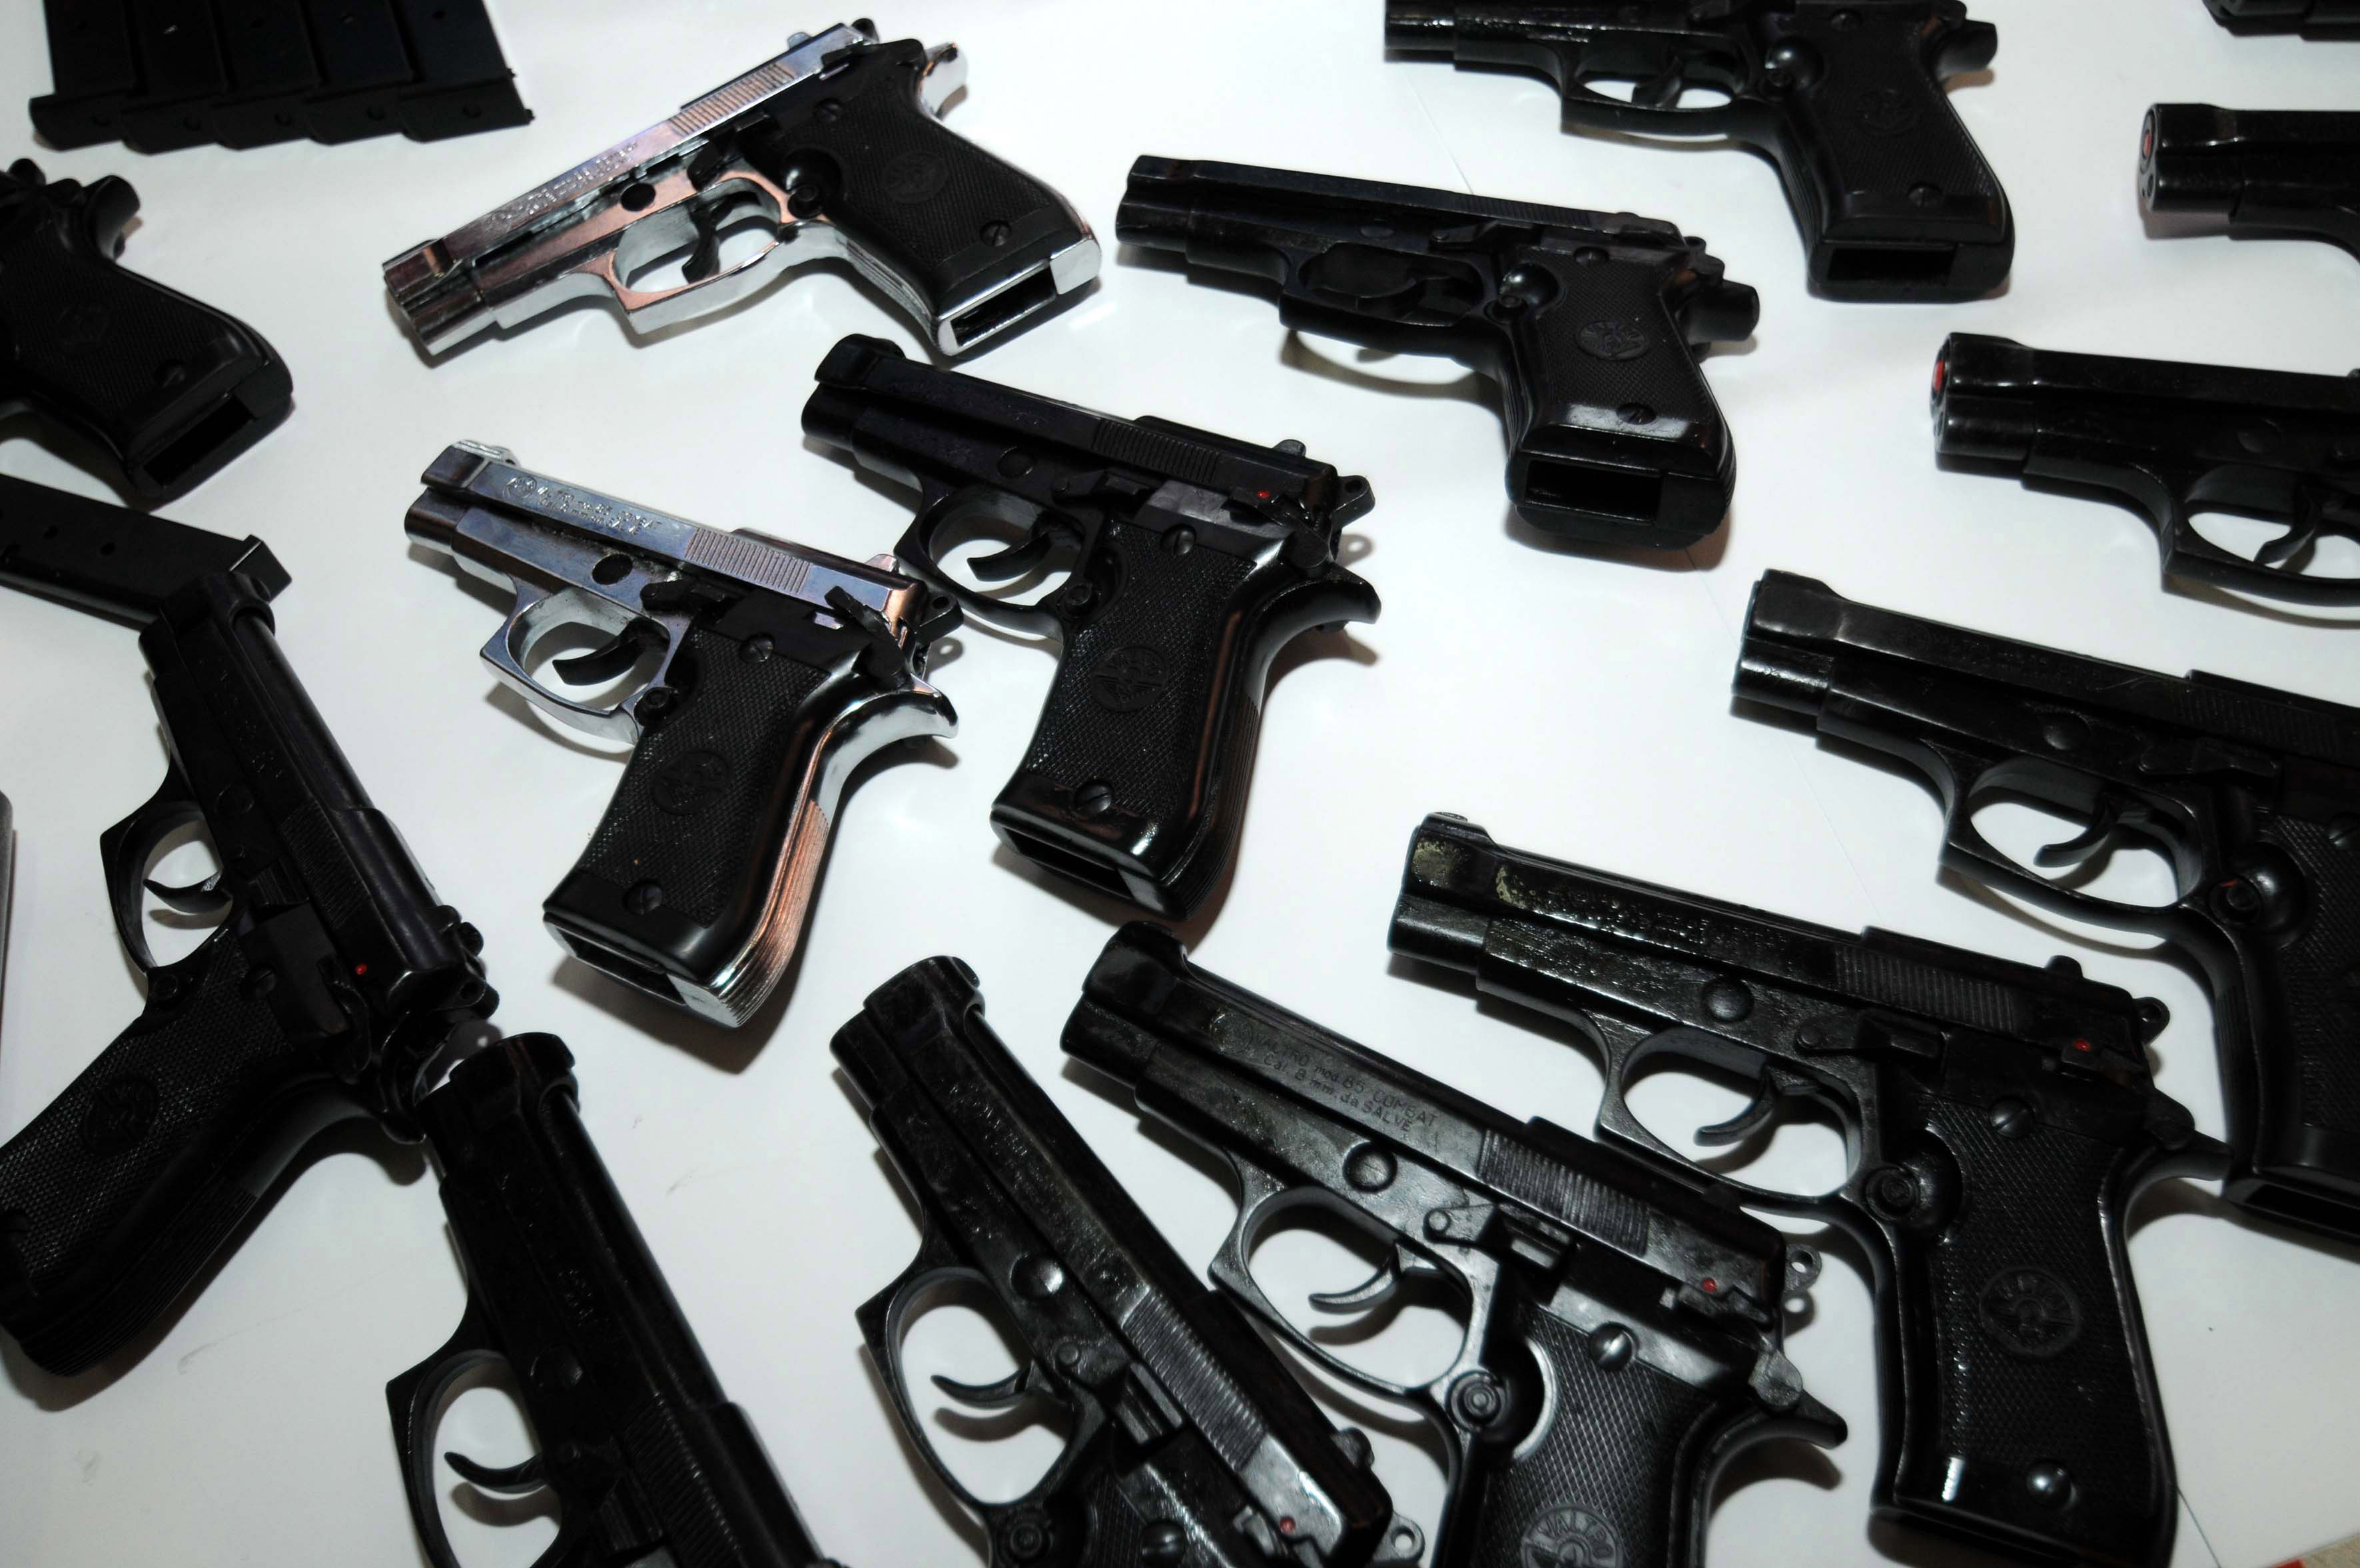 216 darab lőszert találtak egy szügyi férfi házában